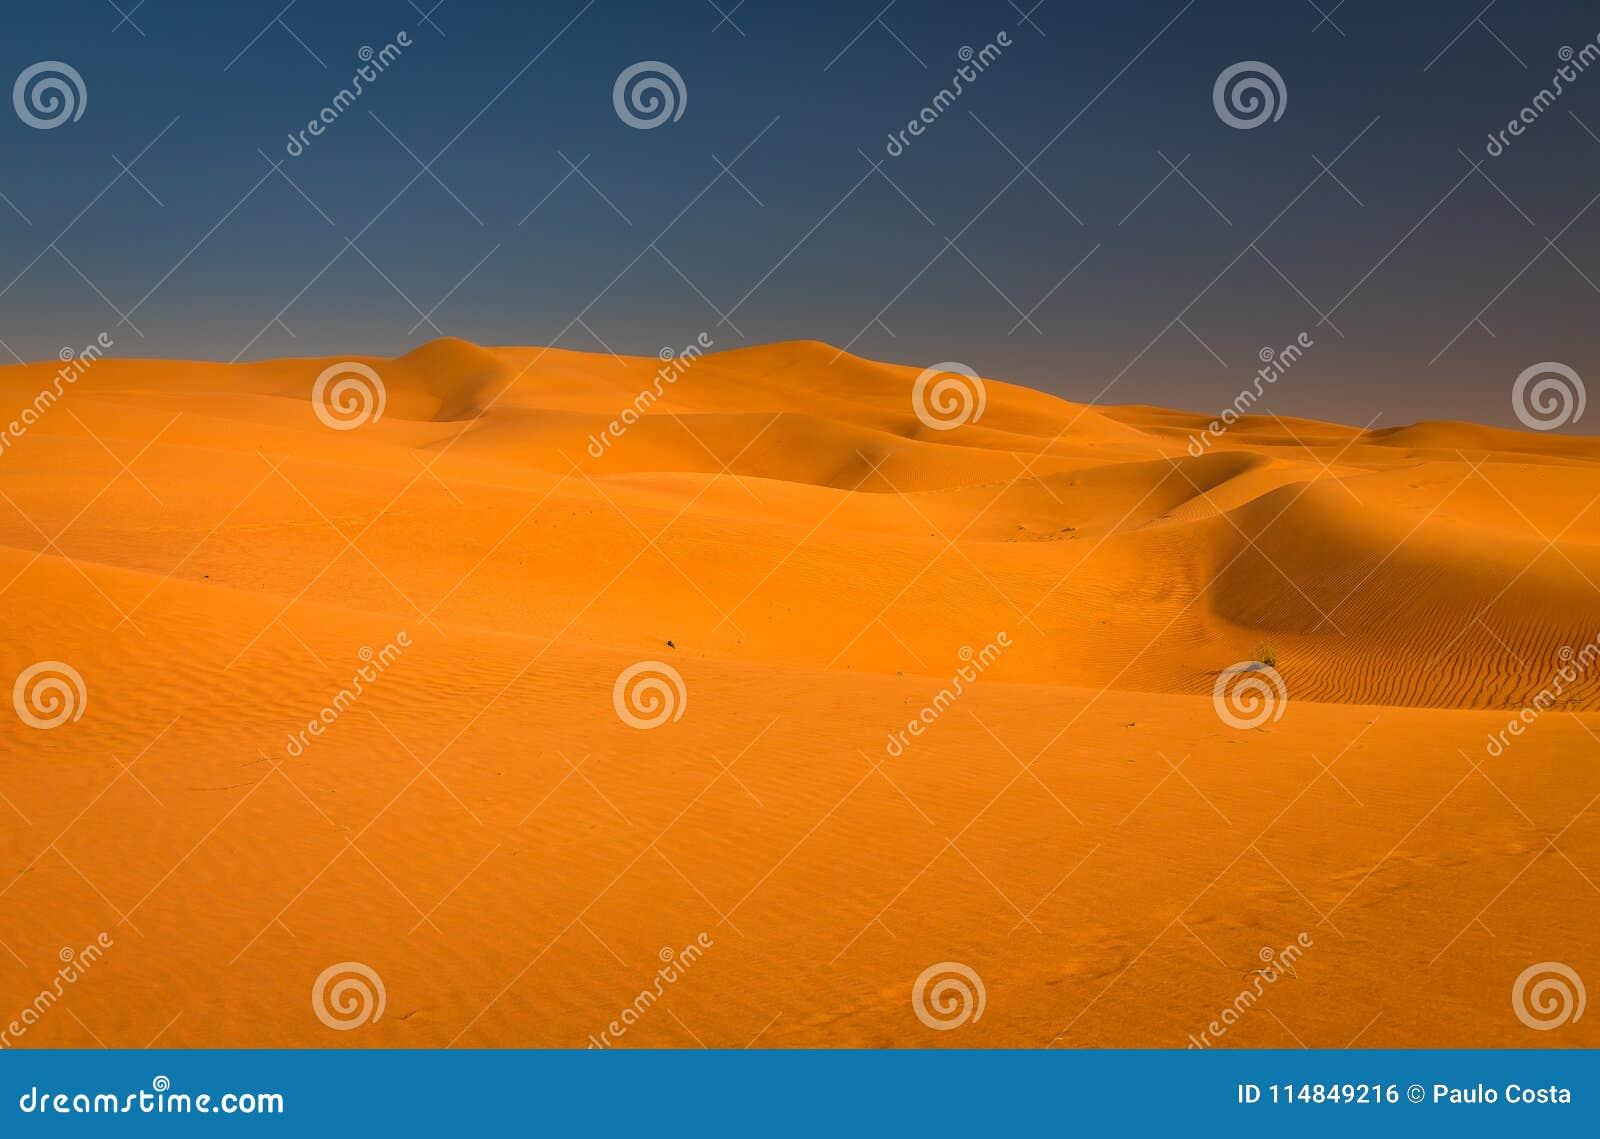 Exposición de la puesta del sol del desierto cerca de Dubai, United Arab Emirates